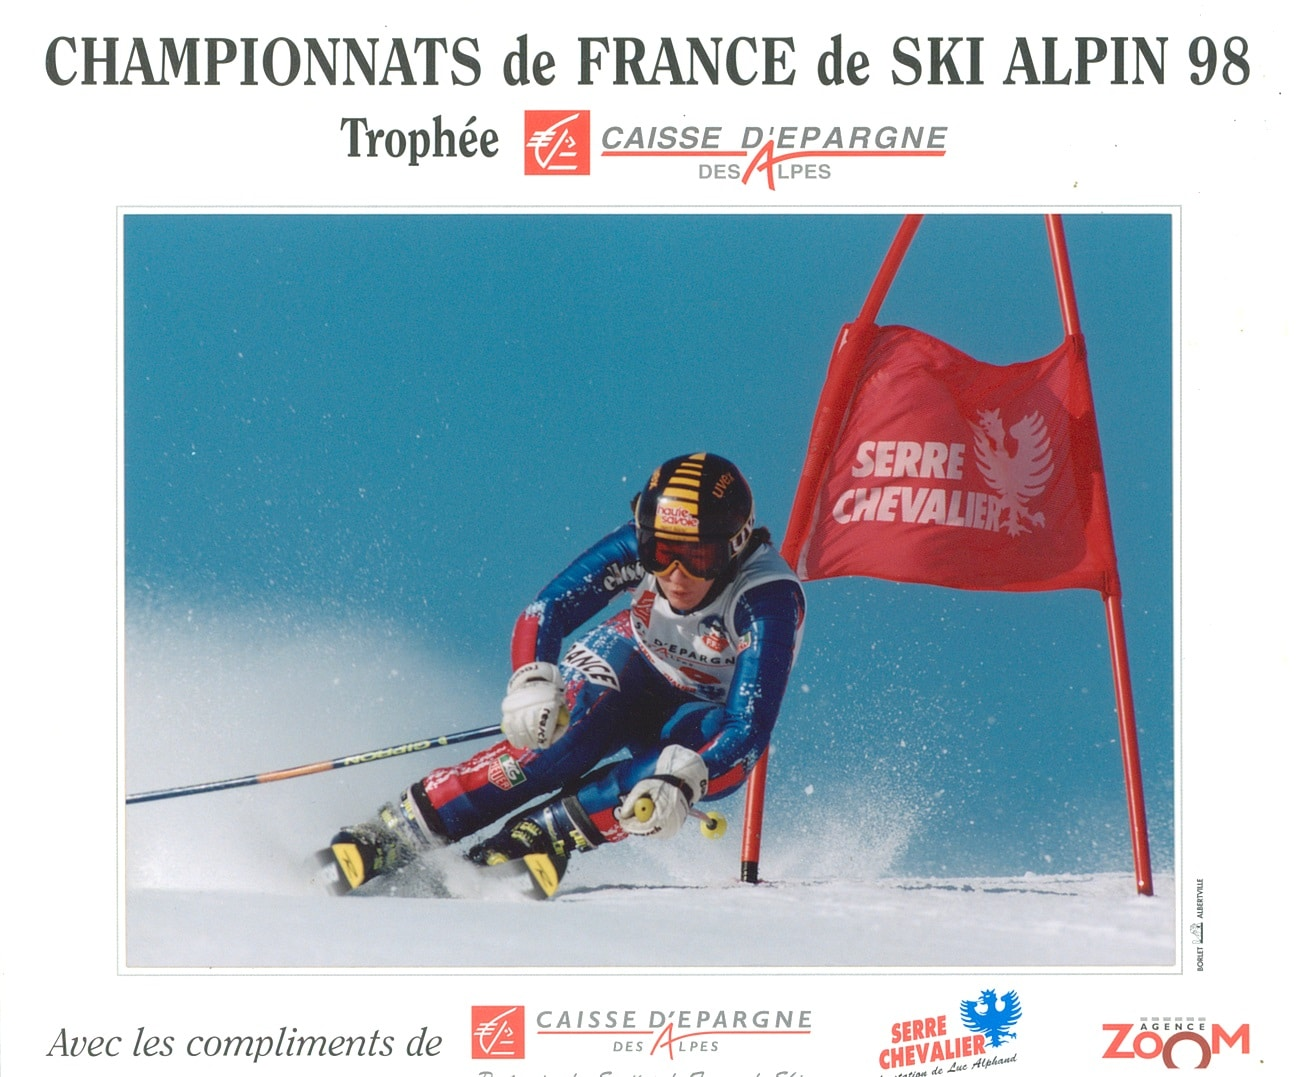 photo de Sandra MELOT championnat de France 1998 GS